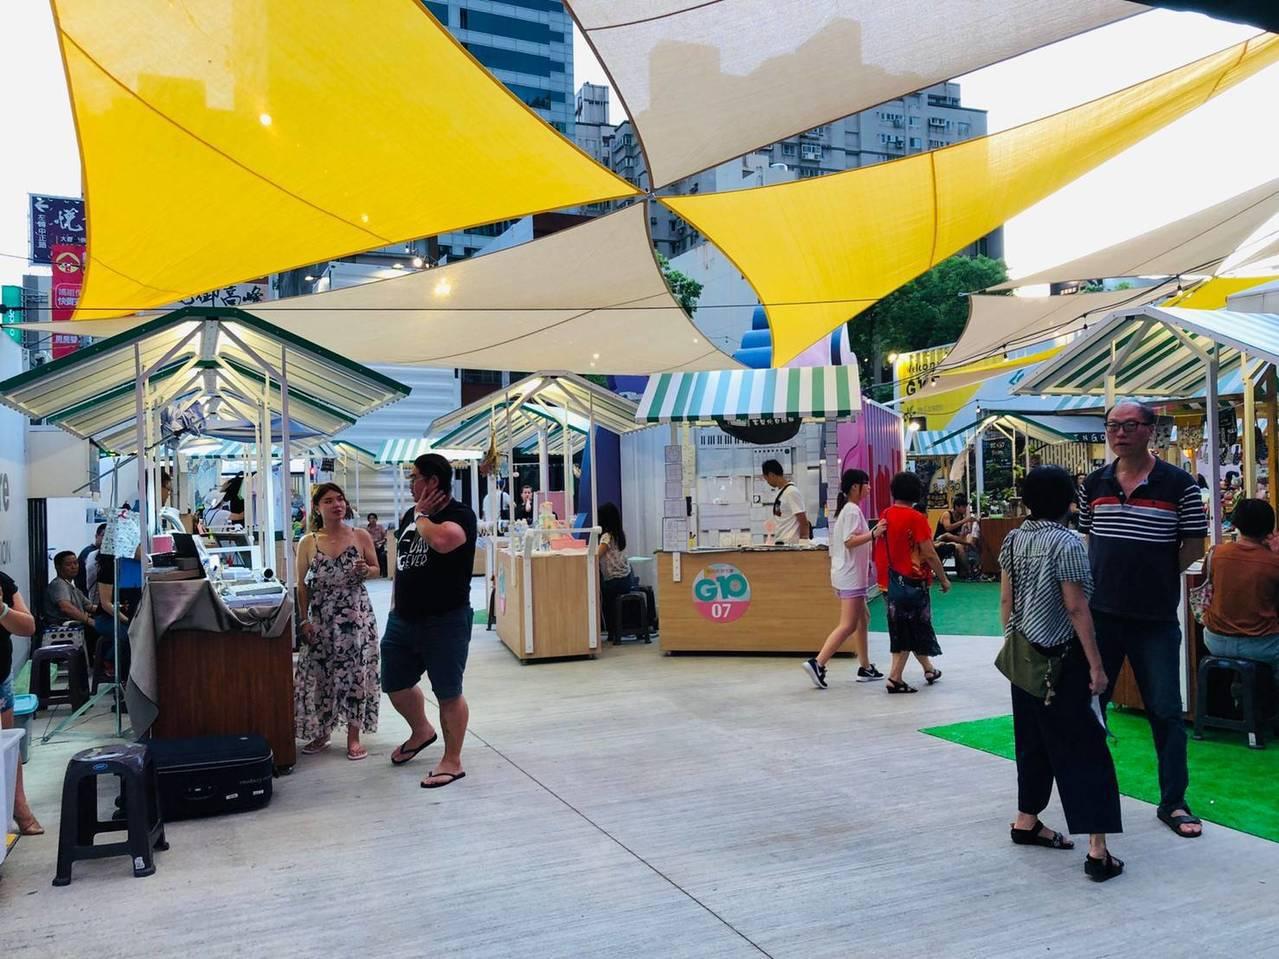 桃園G10貨櫃市集新貌 歐風玩樂神級美食陪你FUN暑假